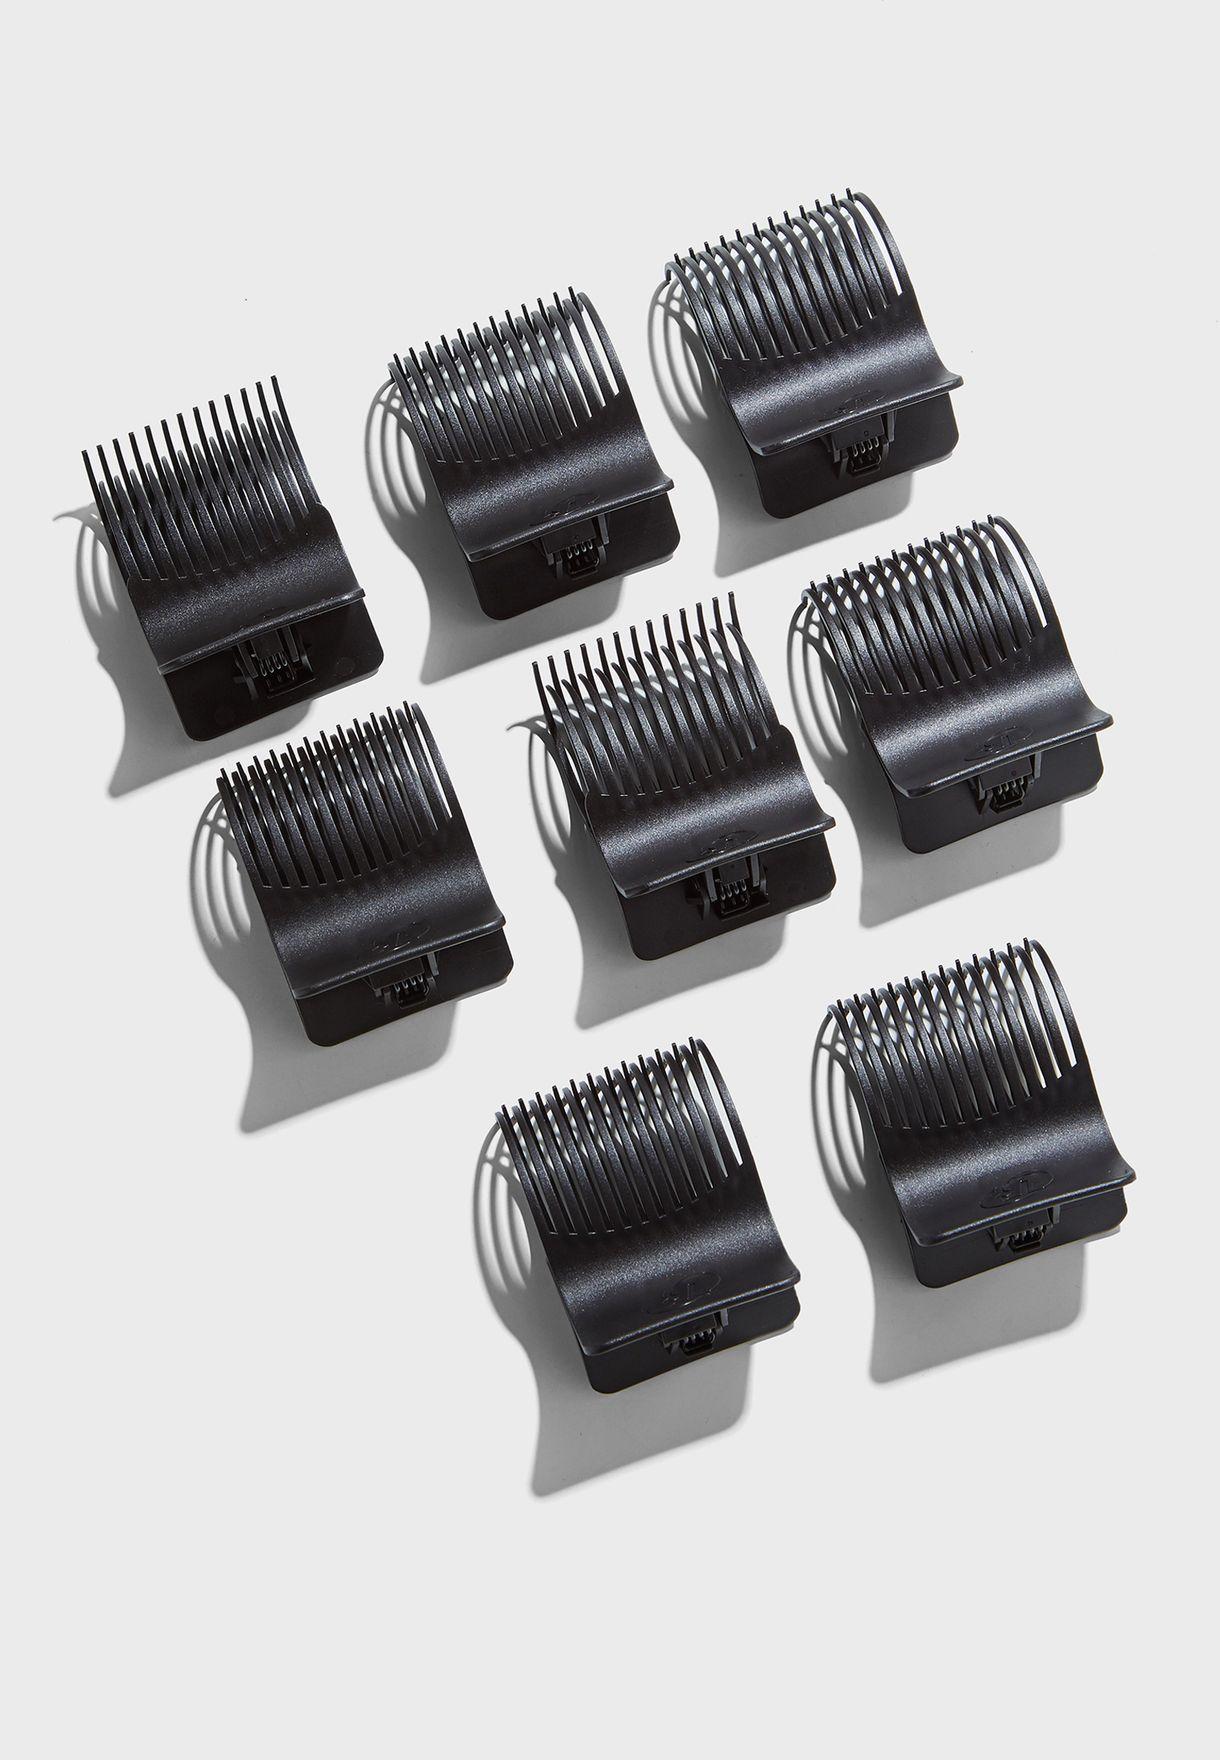 مجموعة لفائف لوكس لتجعيد وكثافة الشعر